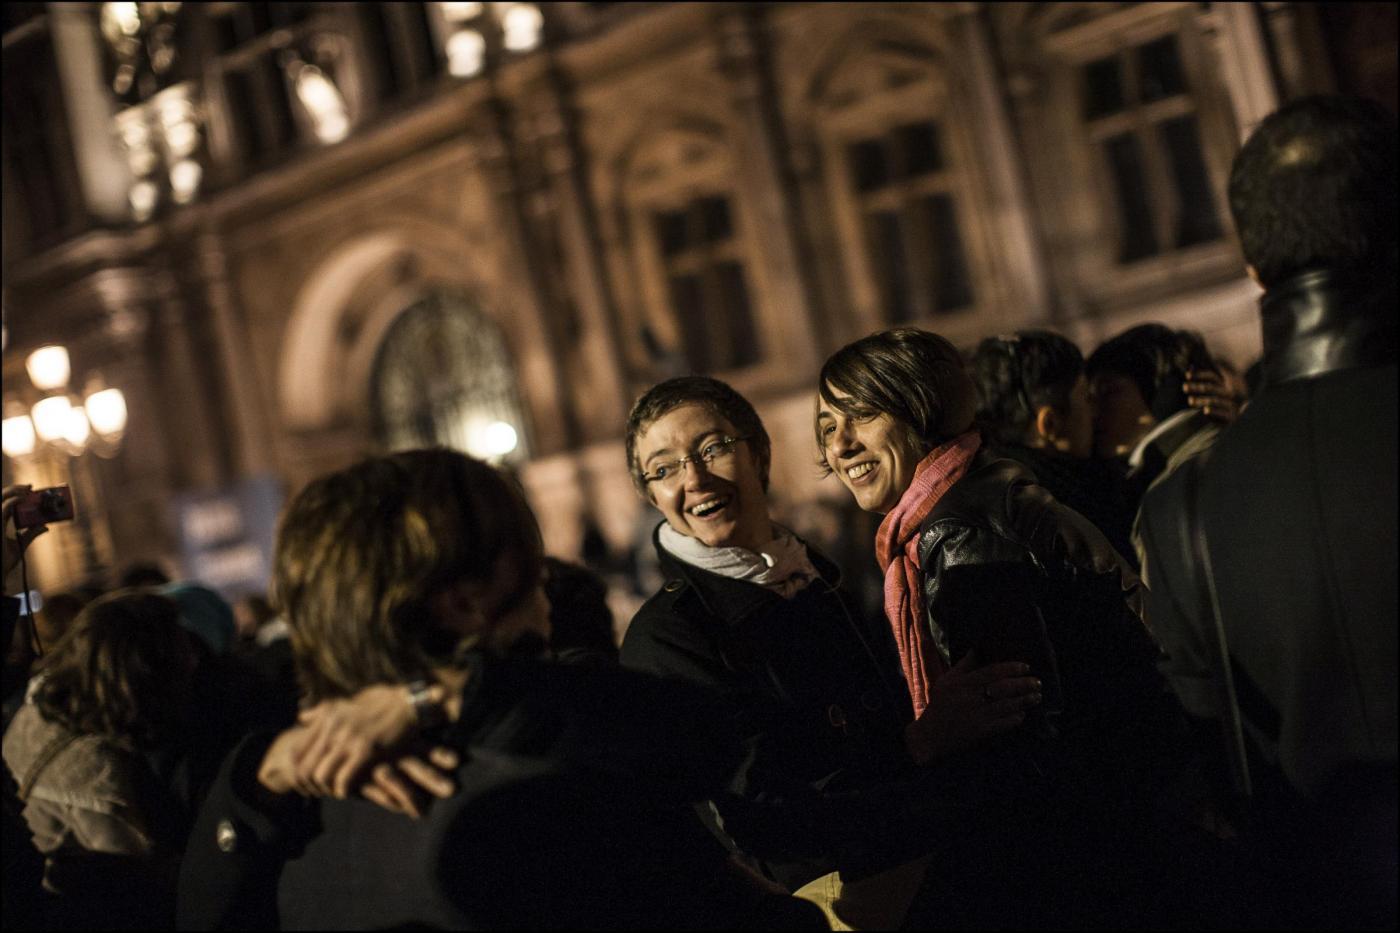 Coppie gay riunite davanti al municipio 03